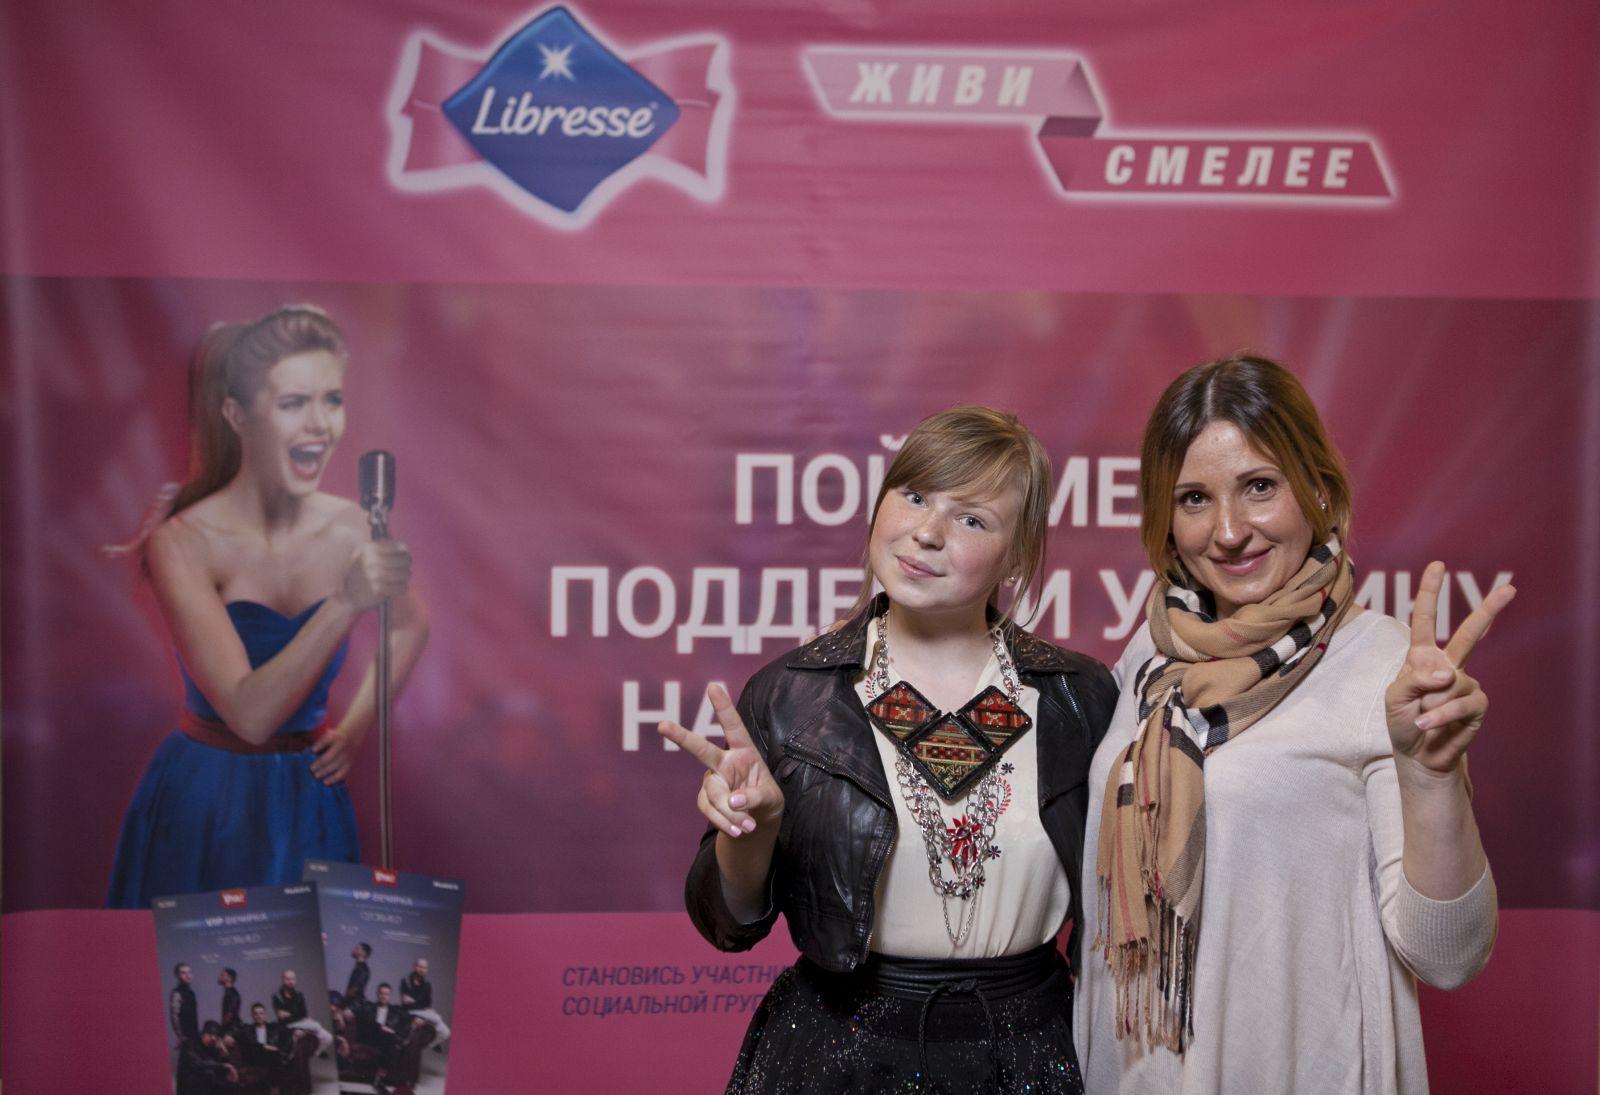 Победительница он-лайн проекта «Пой смелее с Libresse!» на сайте viva.ua с представителем бренда